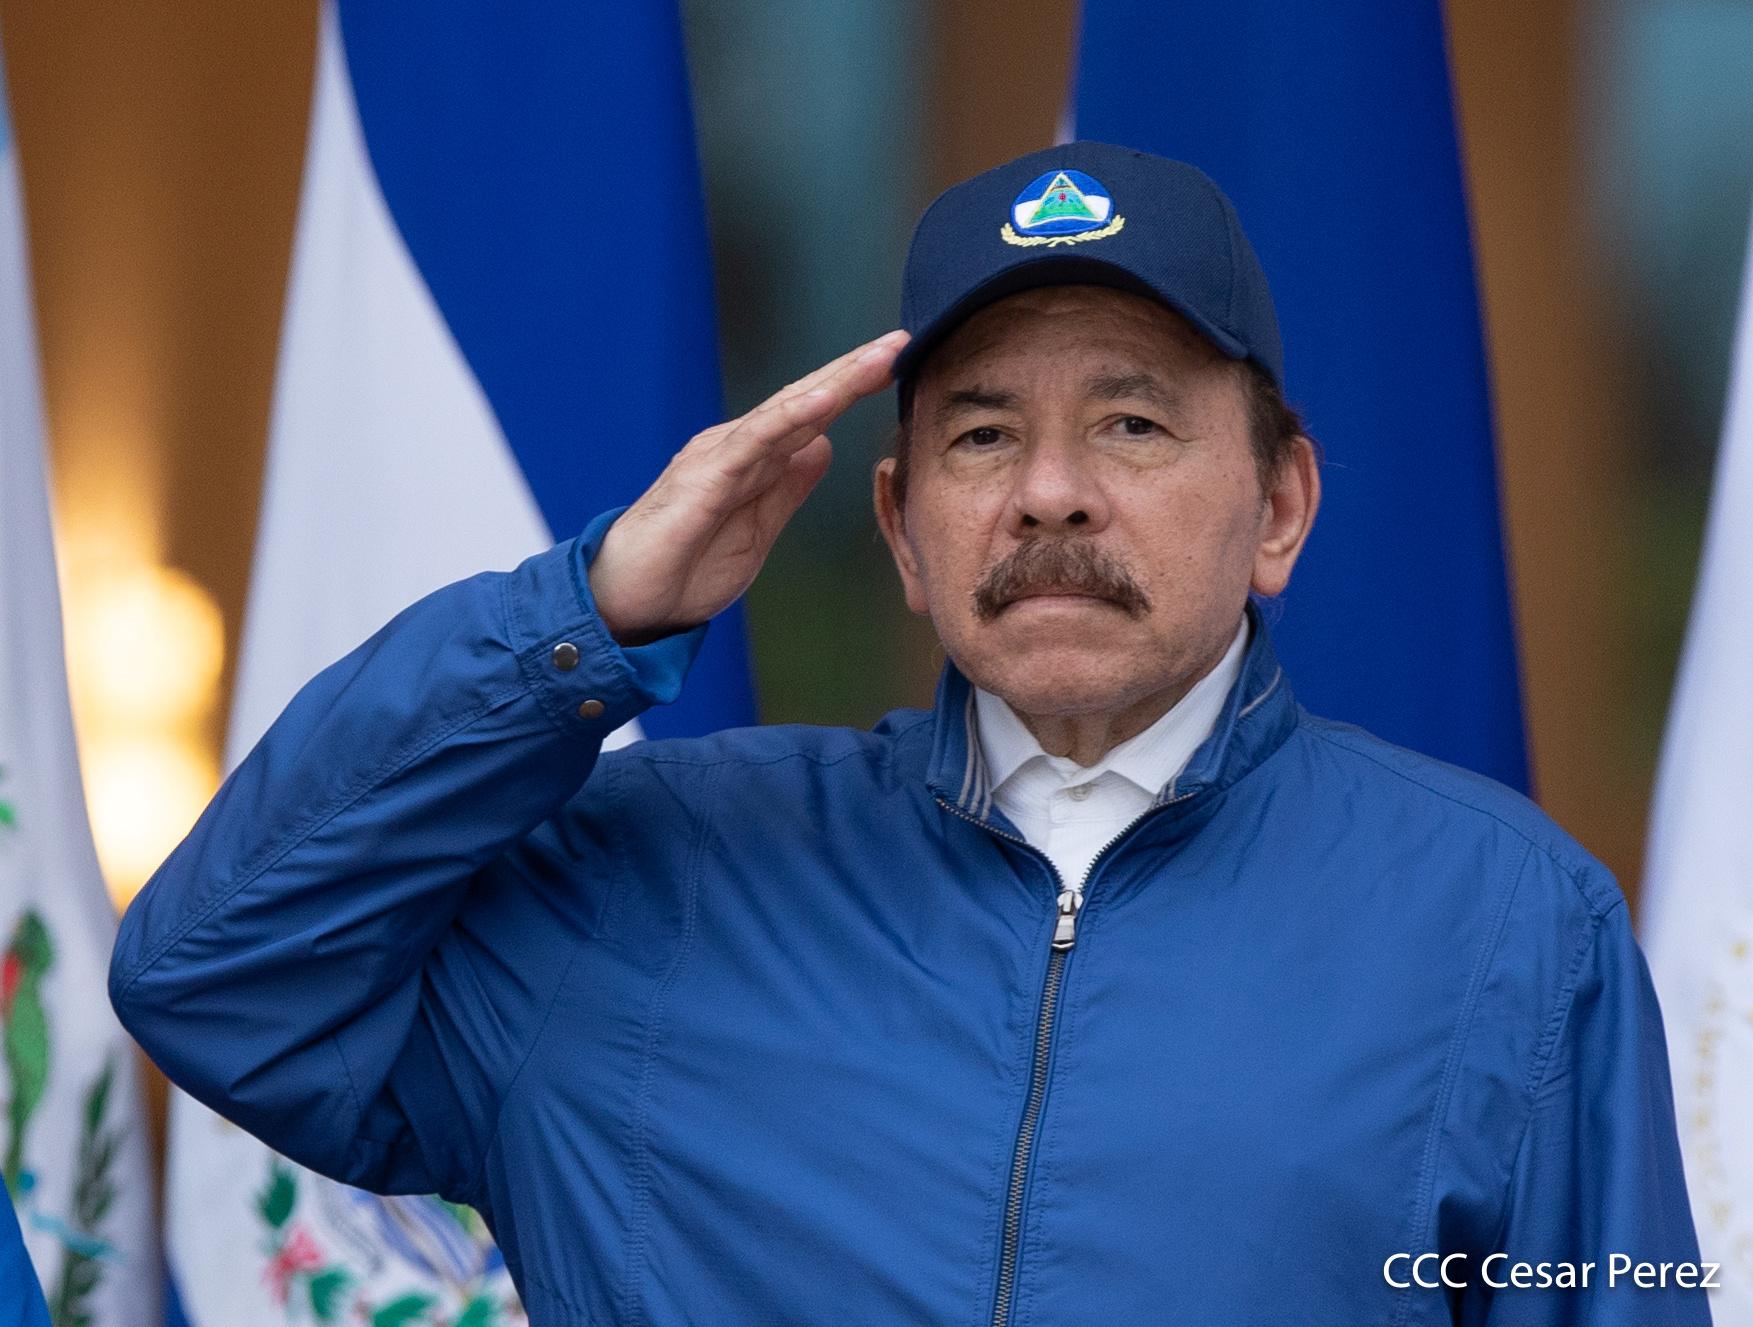 La nueva norma de Nicaragua sigue criterios ambiguos / Foto: César Pérez